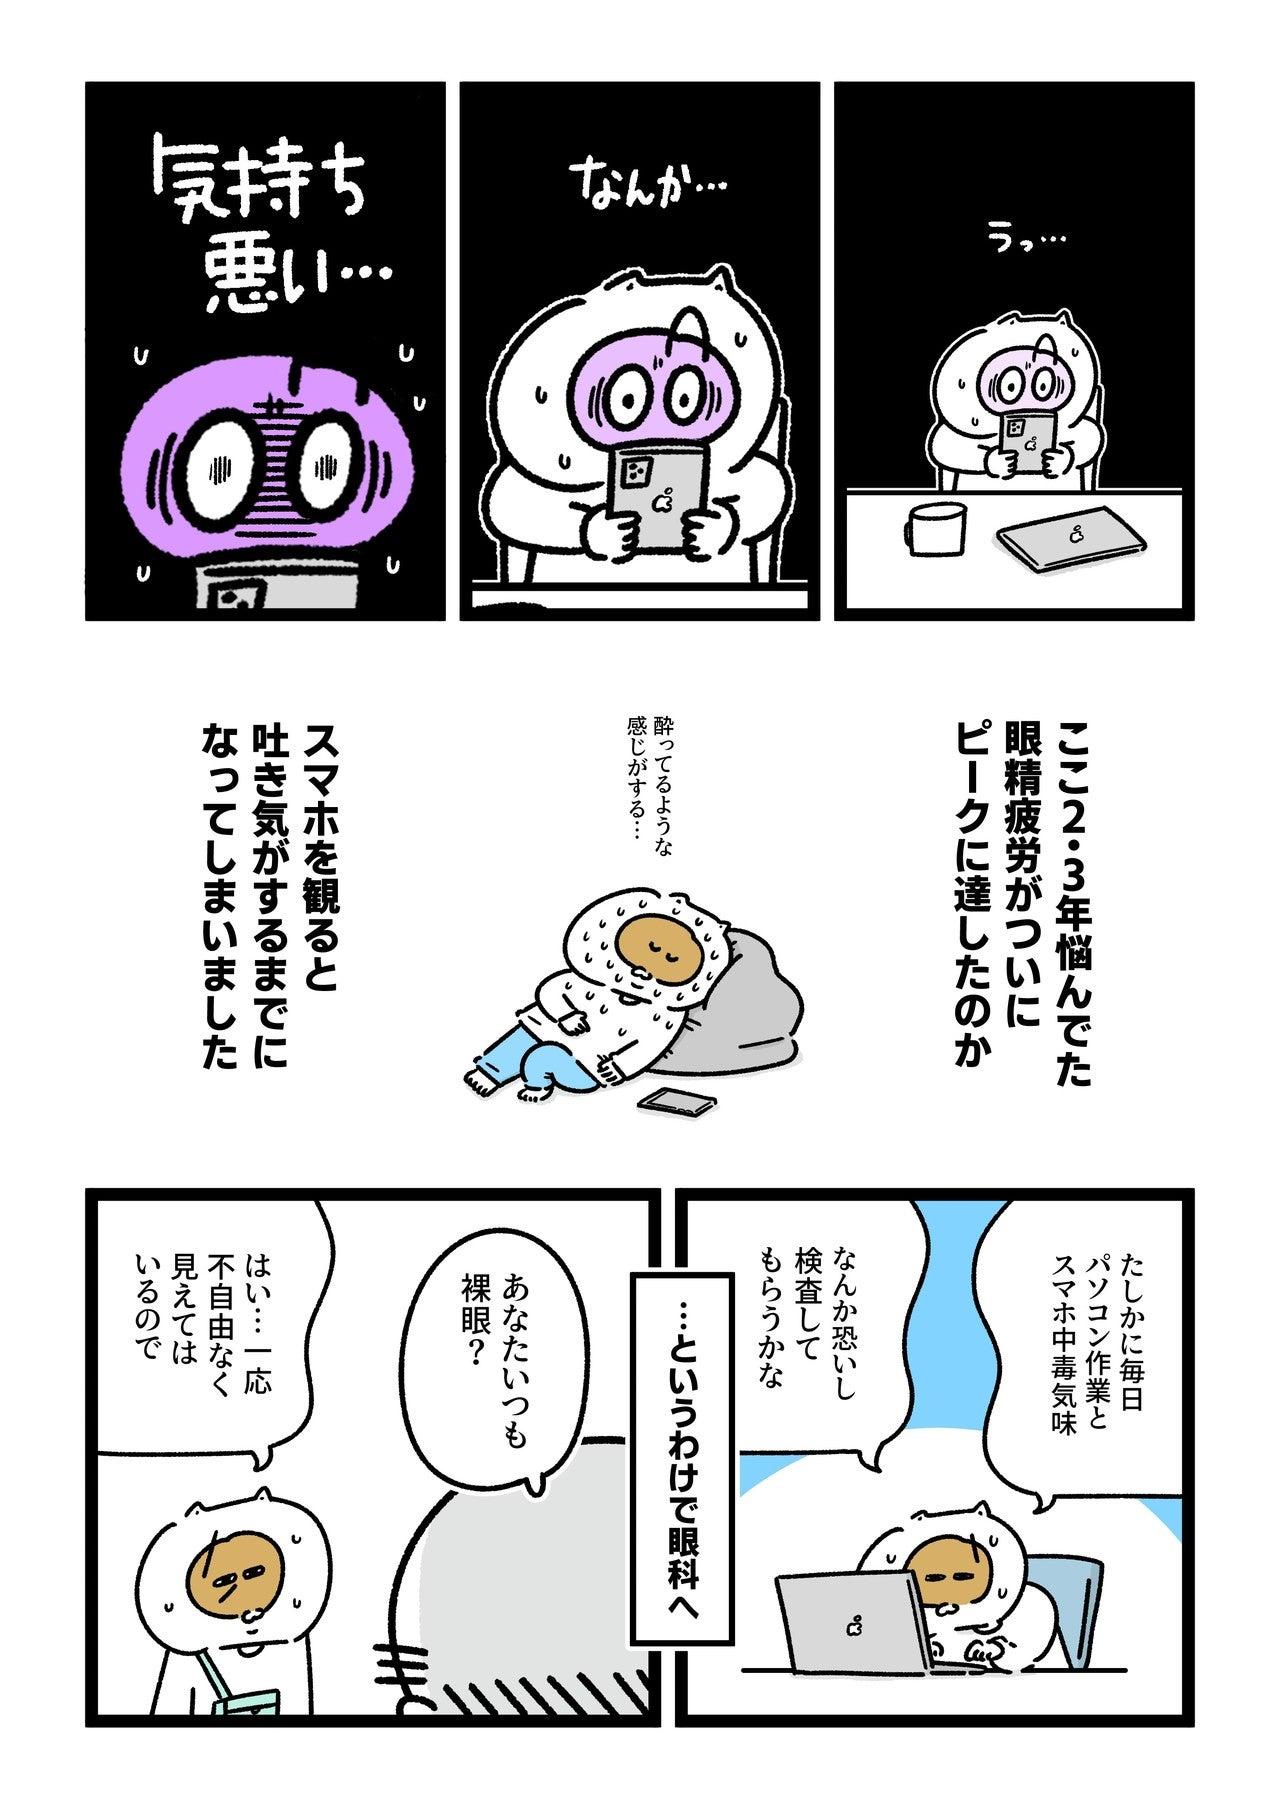 眼精疲労_001